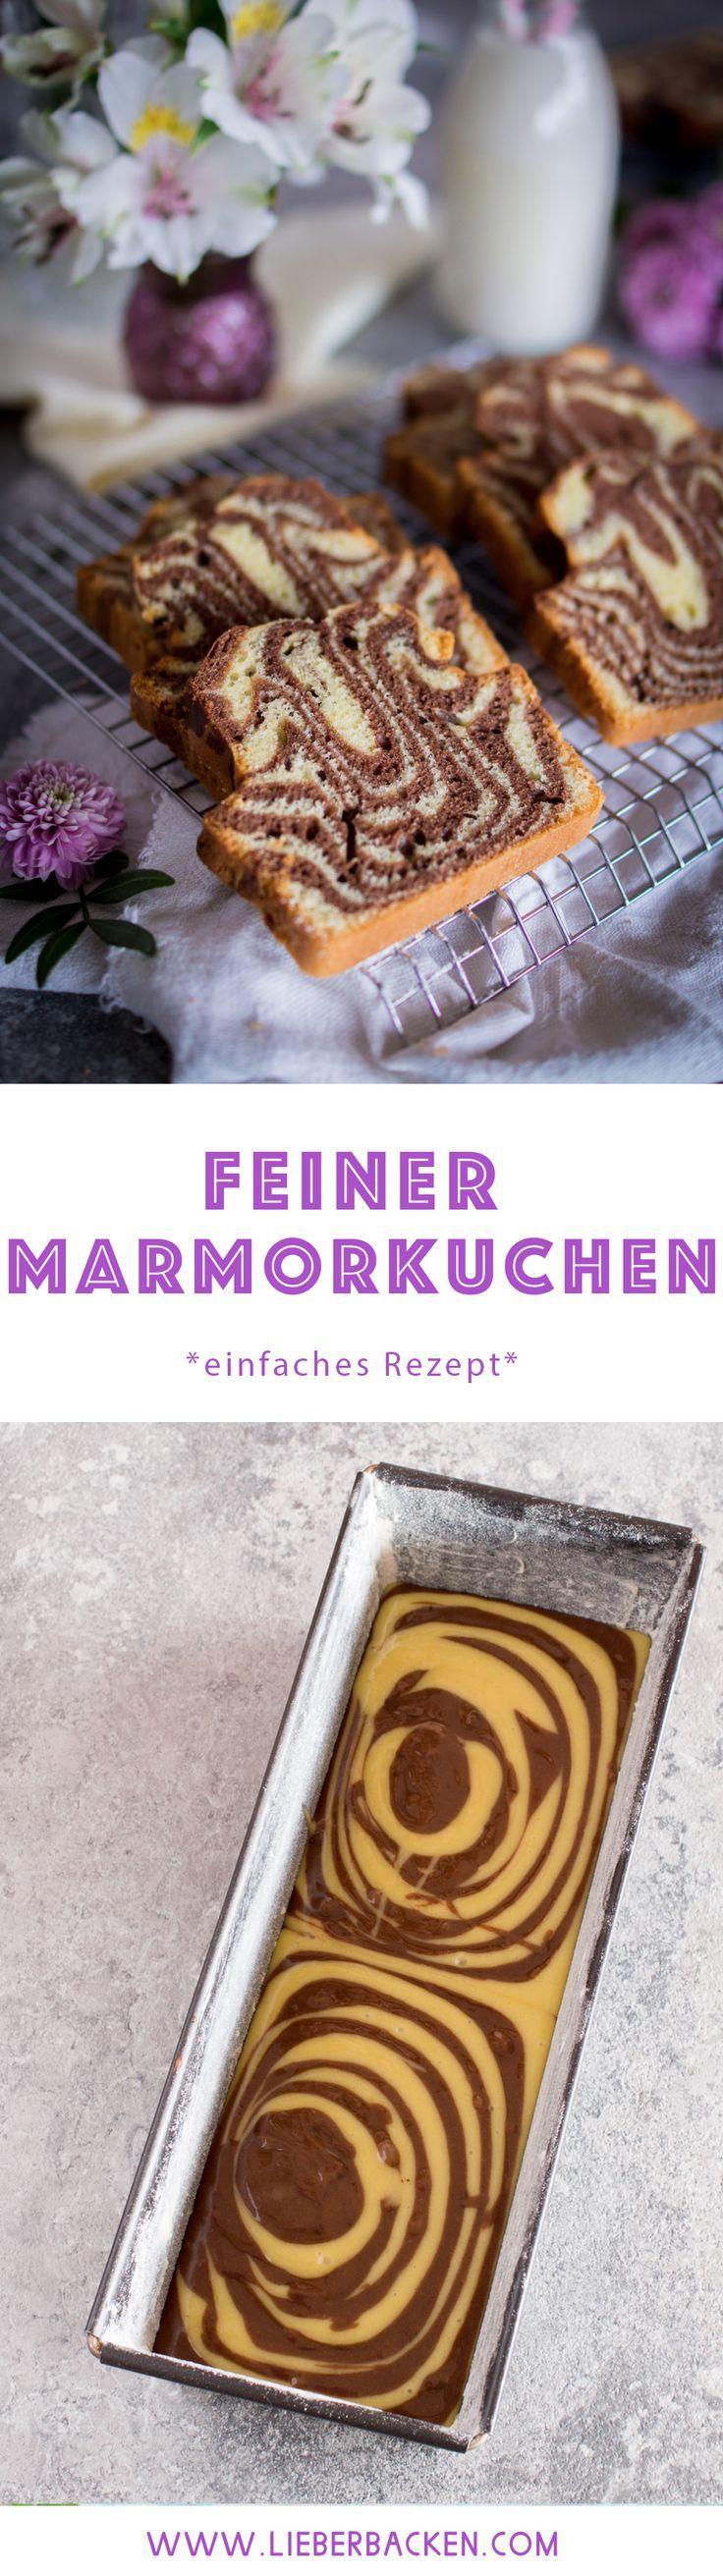 Einfaches Rezept für einen Marmorkuchen / Kastenform #lecker #marmorkuchen #ad